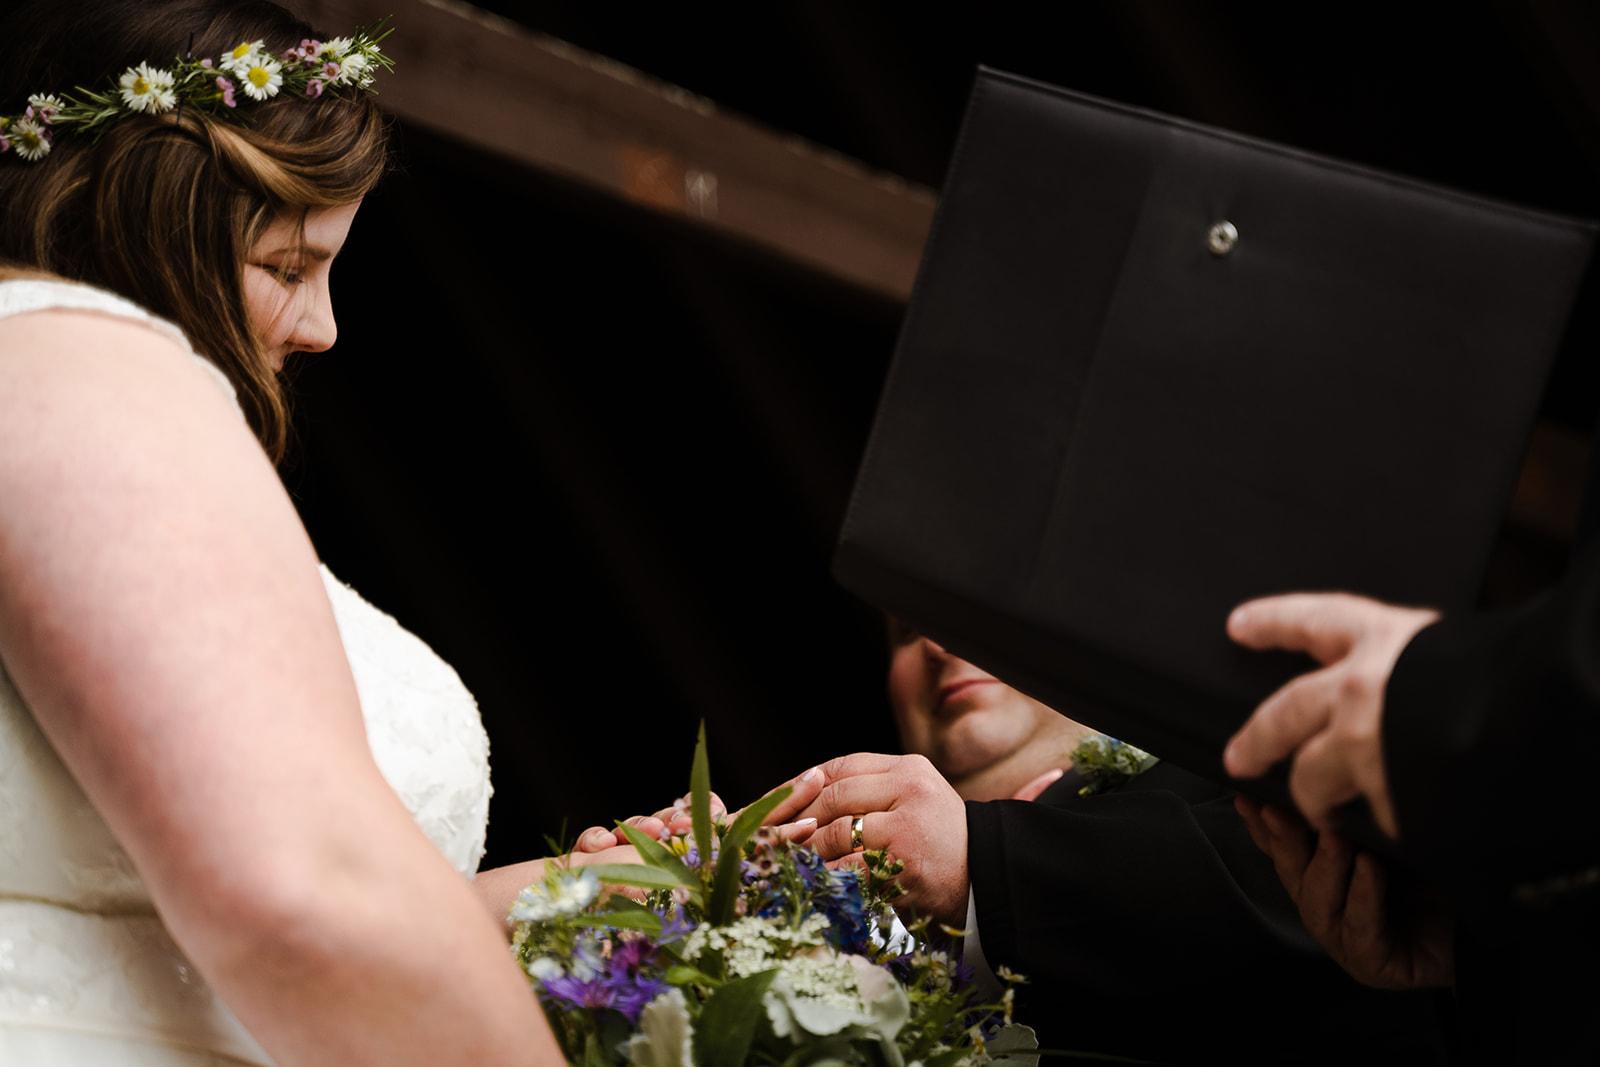 coastal wedding plus size couple rockland maine vesper hill childrens chapel 28